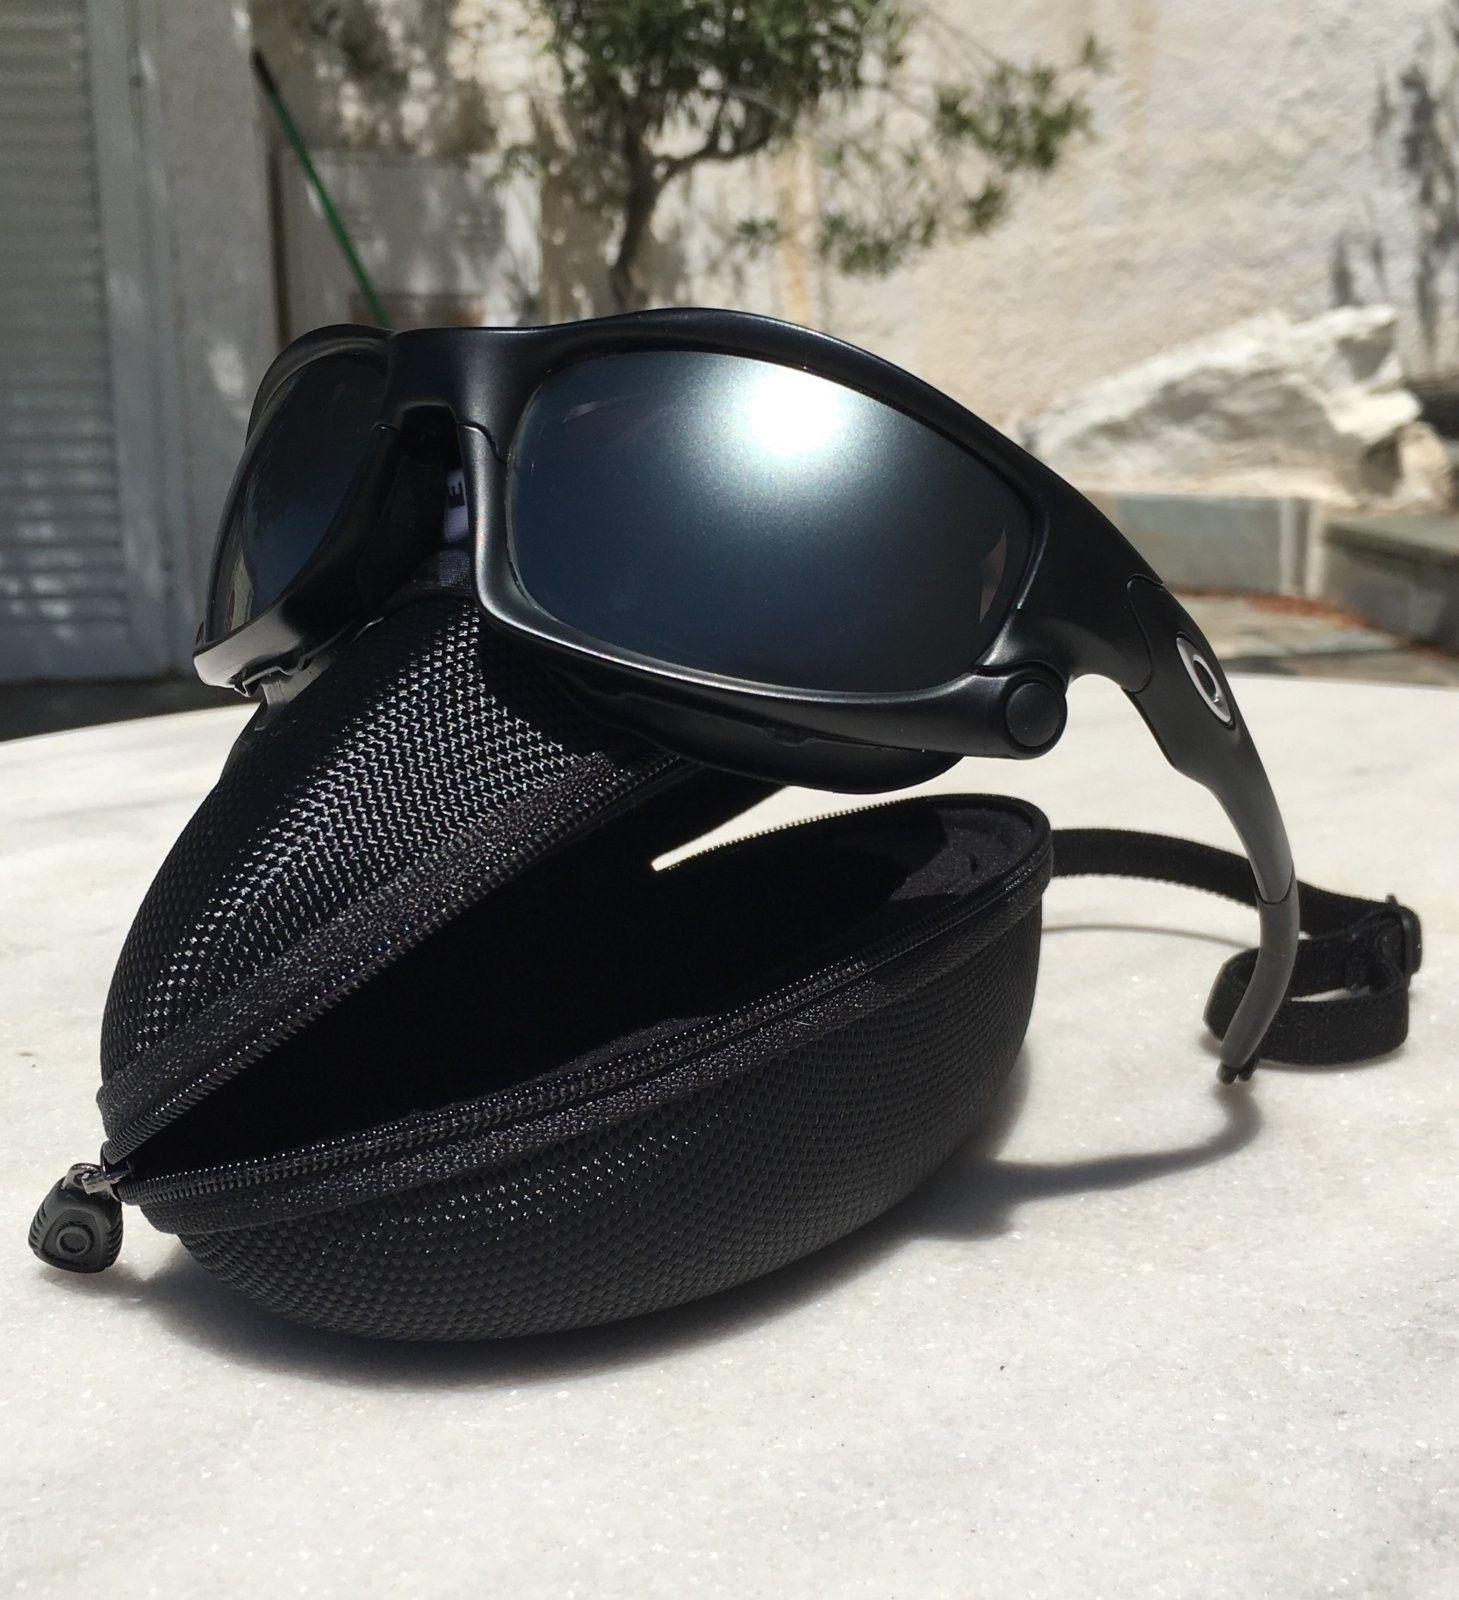 Split/Wind Jackets with Dillon Matte Lenses (Rare) - FullSizeRender 3.jpg